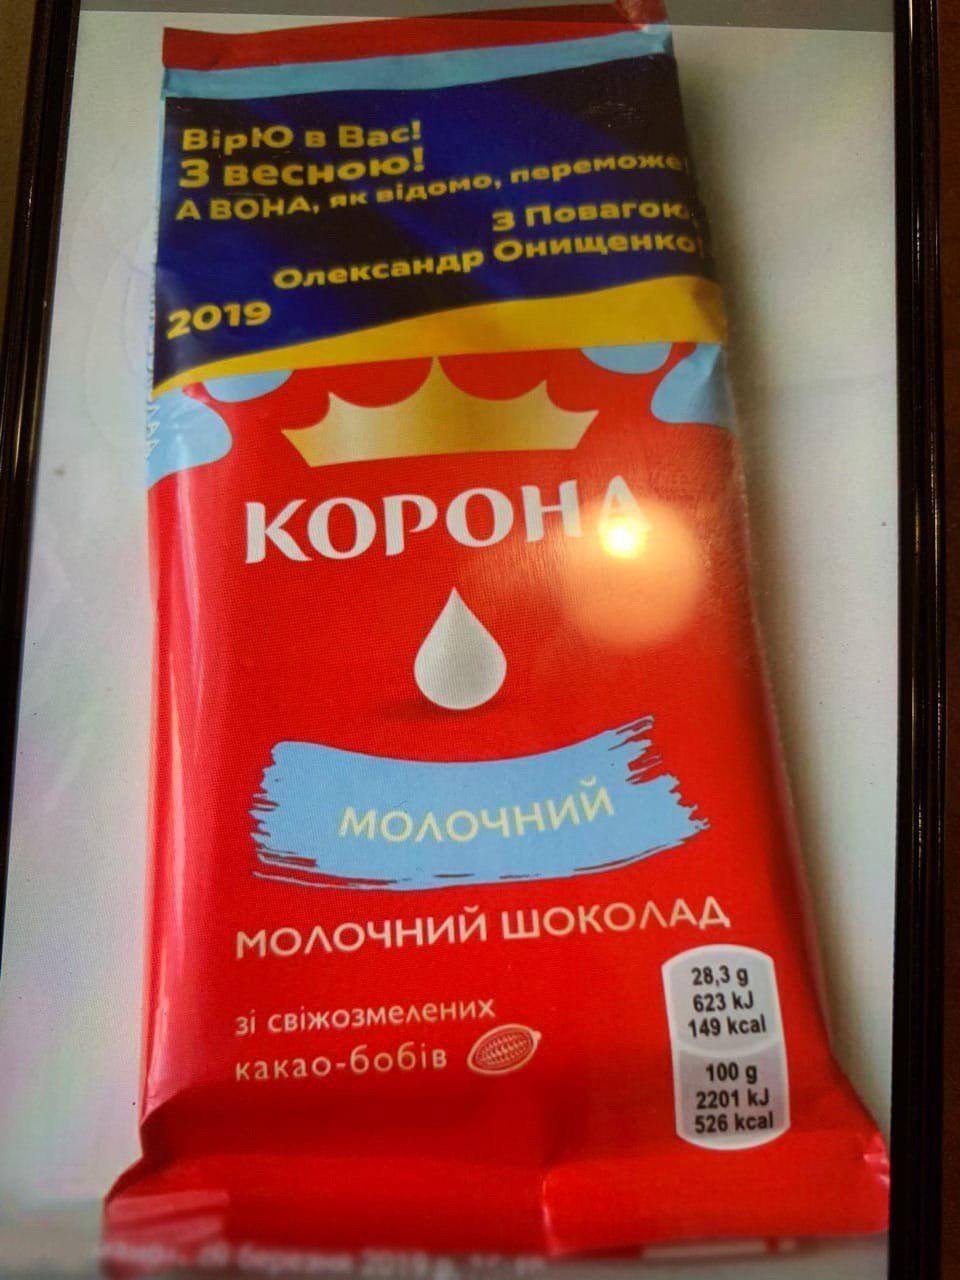 шоколадка1 copy